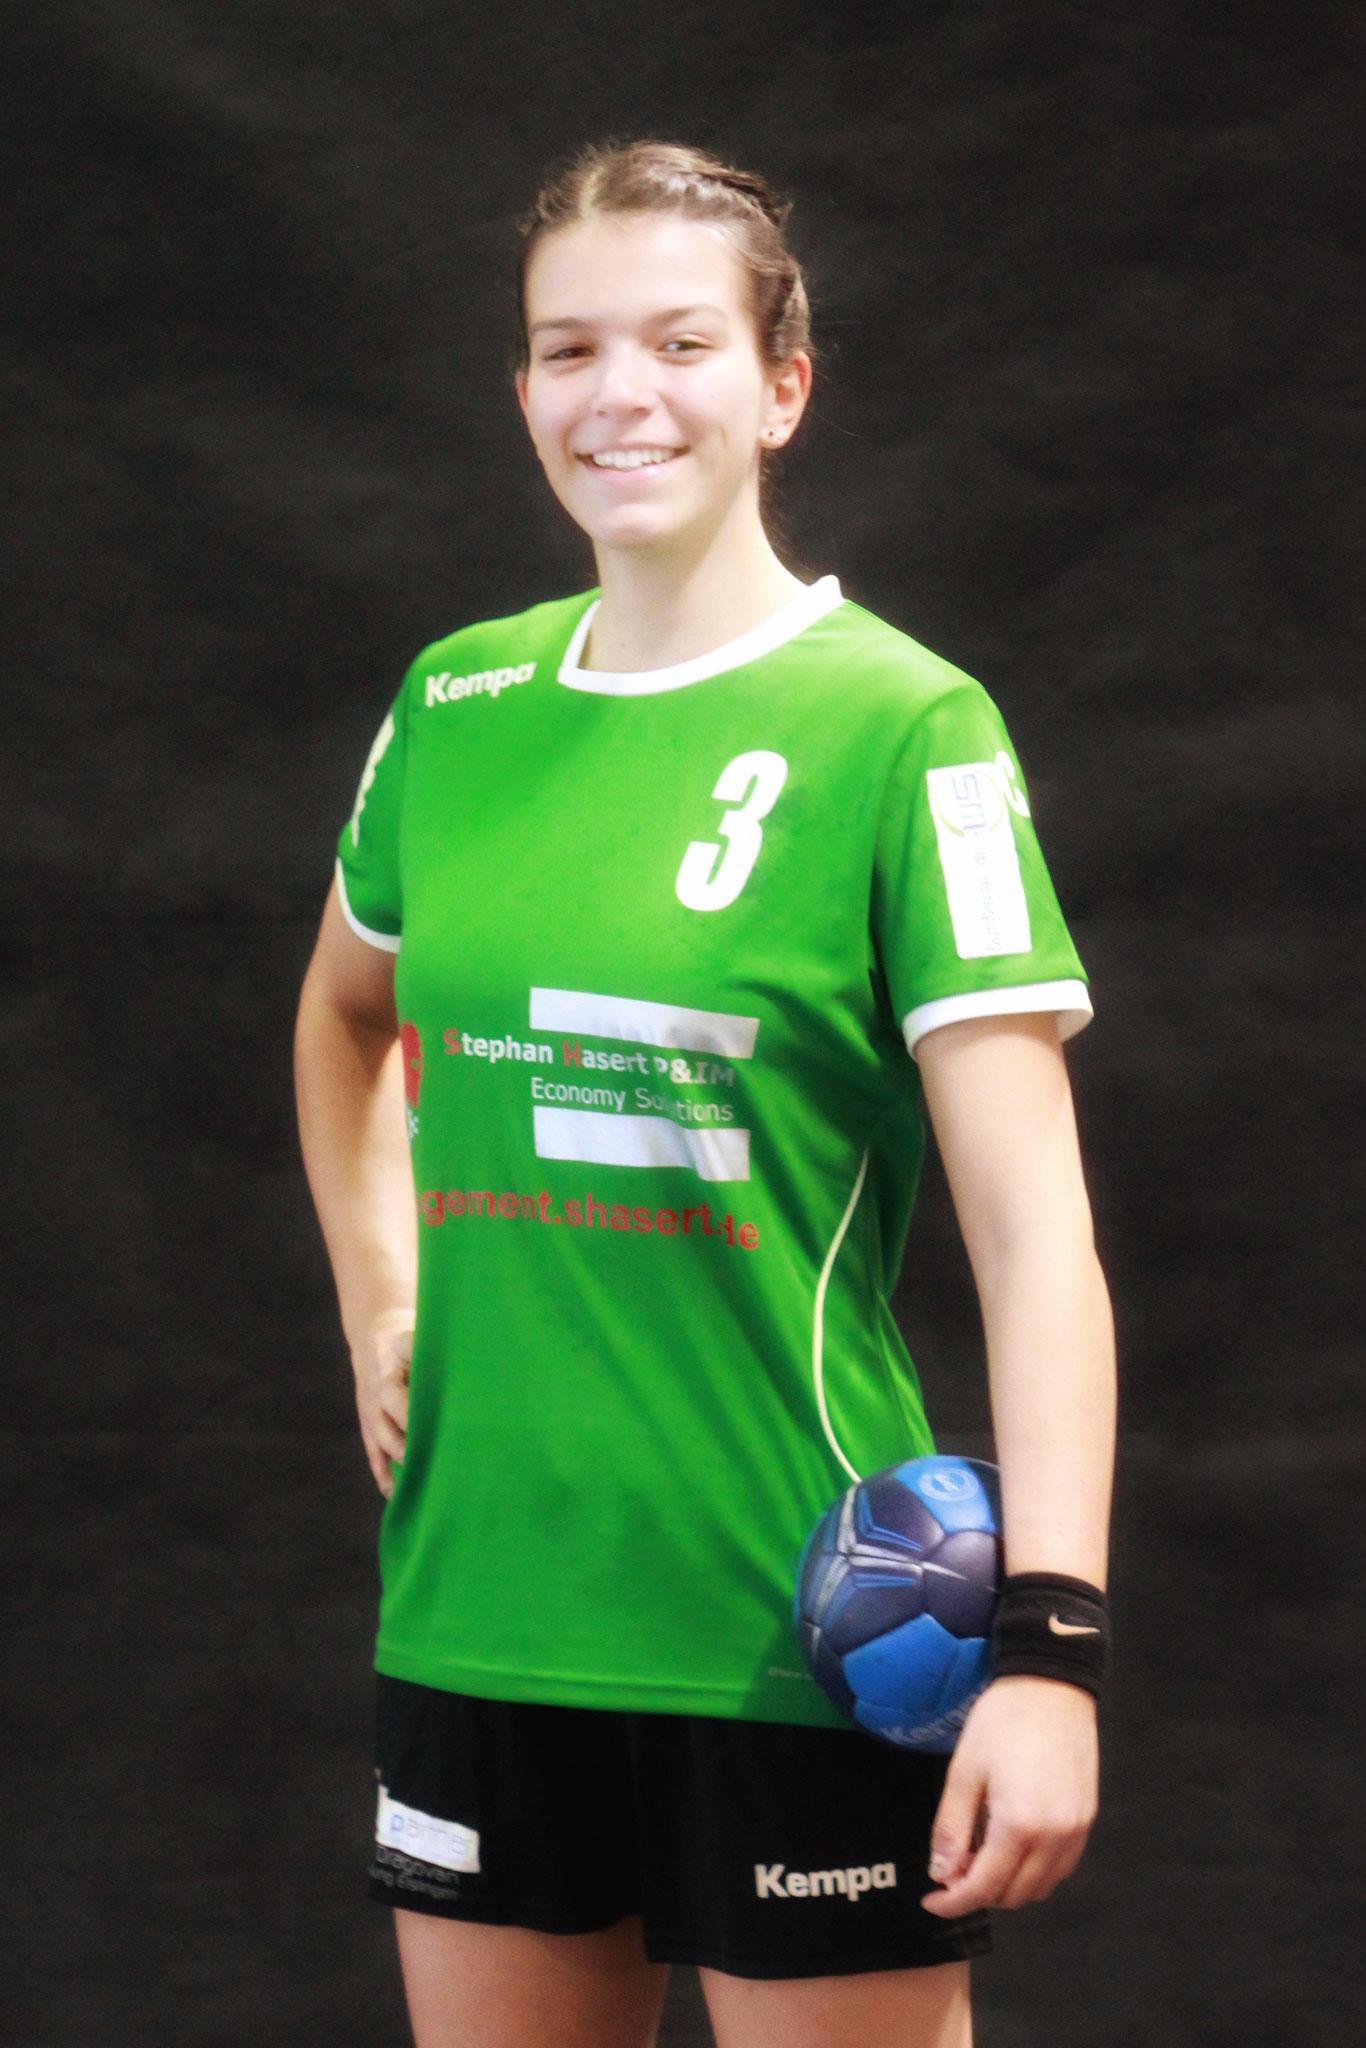 #3 Elina Kowitz